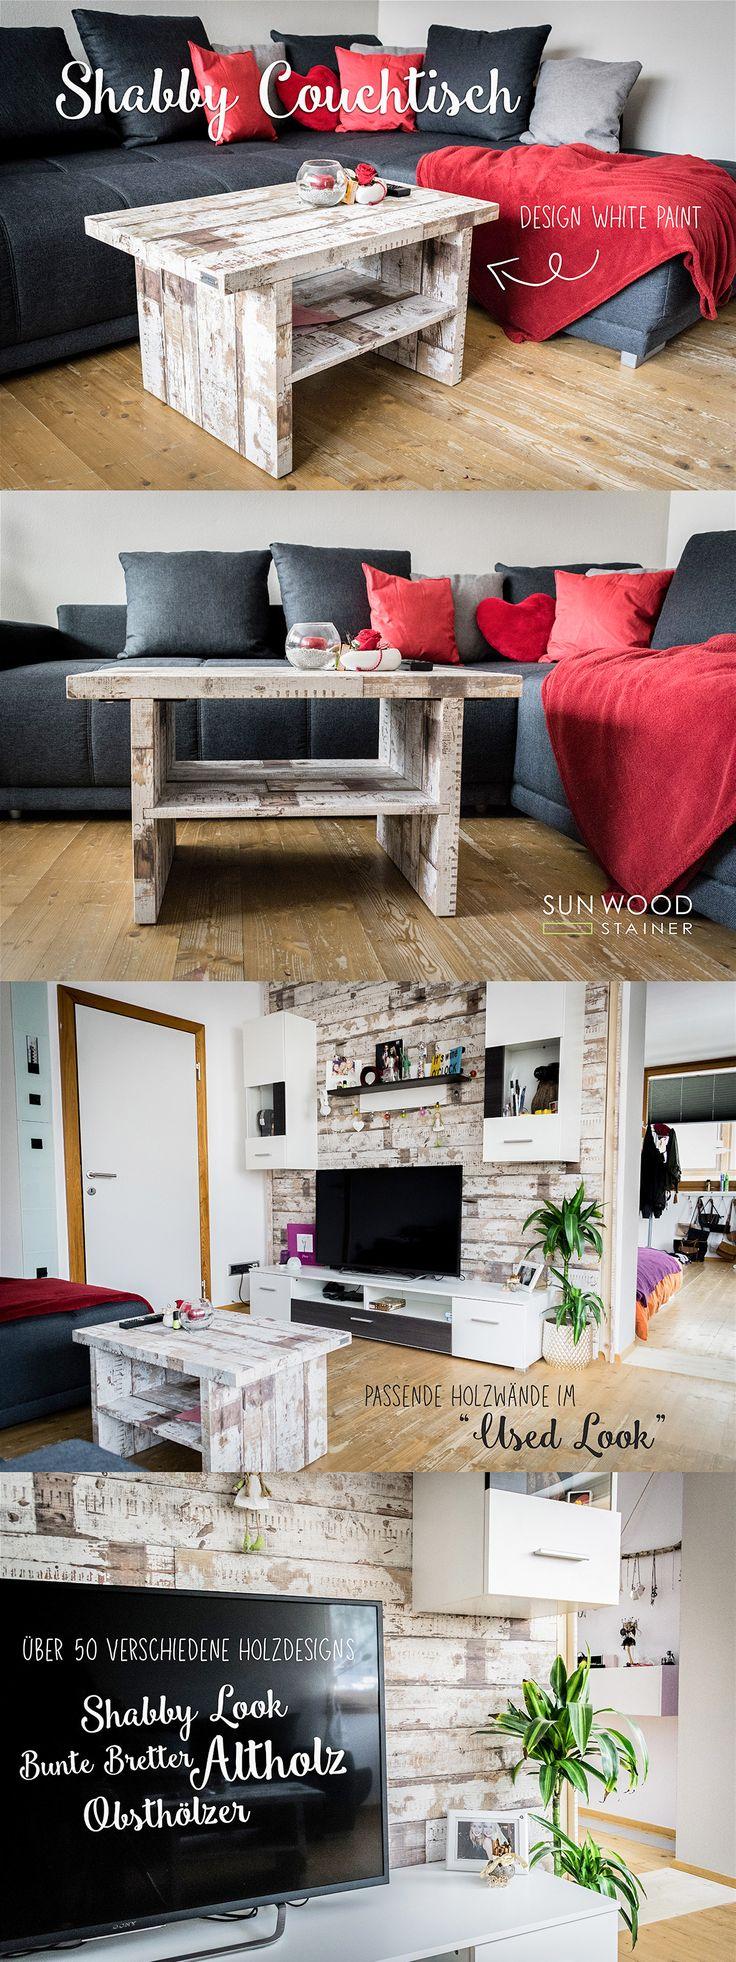 17 best design tische design tables images on pinterest tables design table and innovative. Black Bedroom Furniture Sets. Home Design Ideas